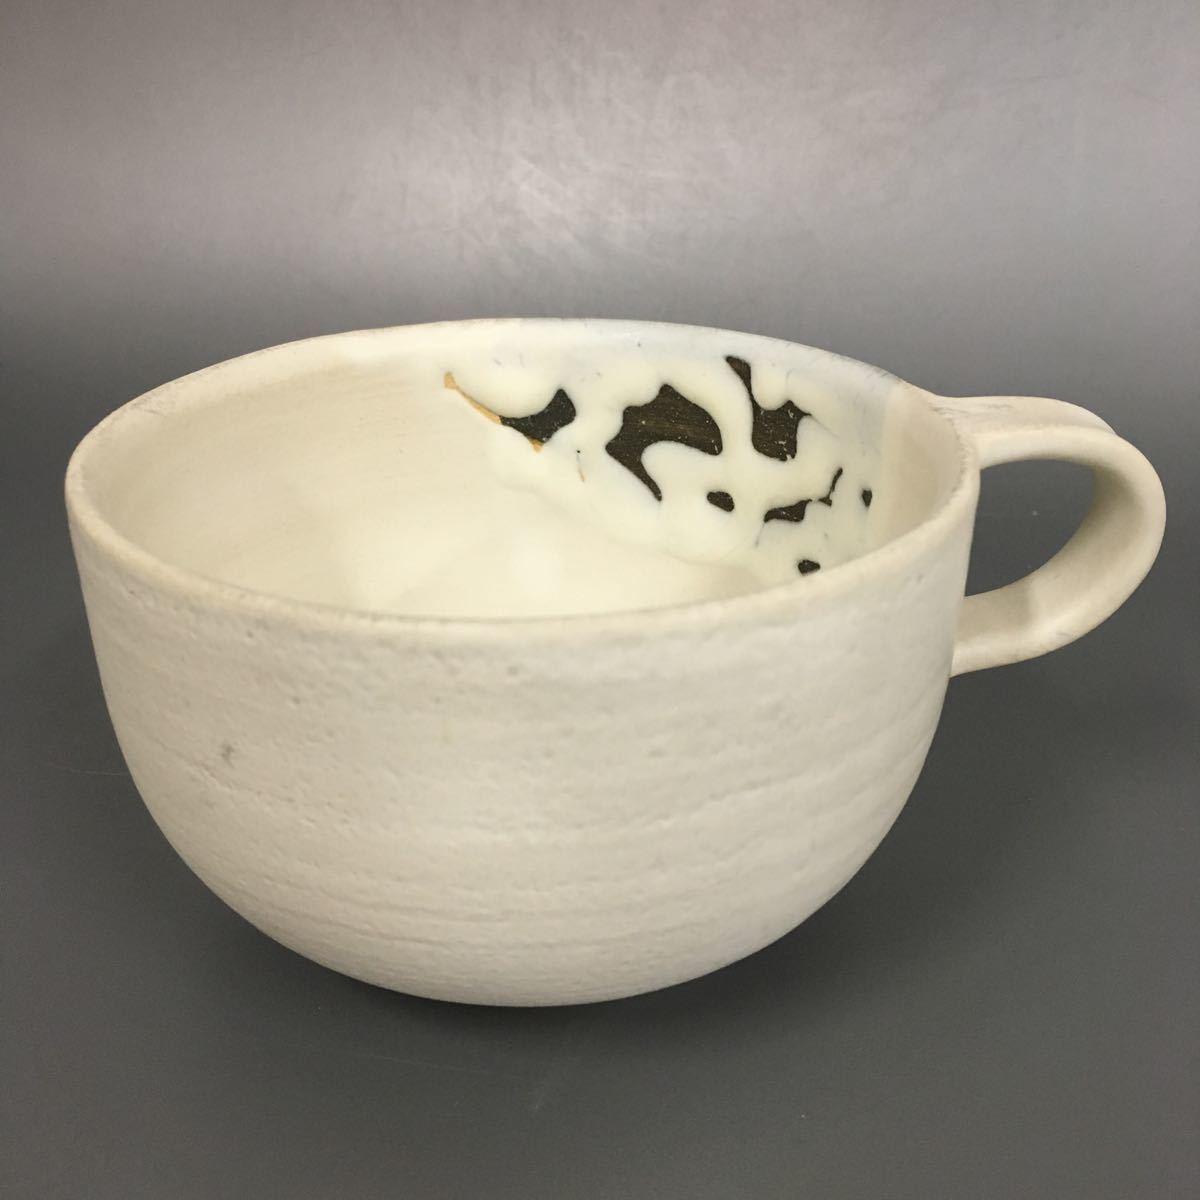 対92) 【同梱OK】 萩焼 スープカップ 鬼萩 粉引 珈琲器 コーヒーカップ 未使用新品 同梱歓迎_画像1